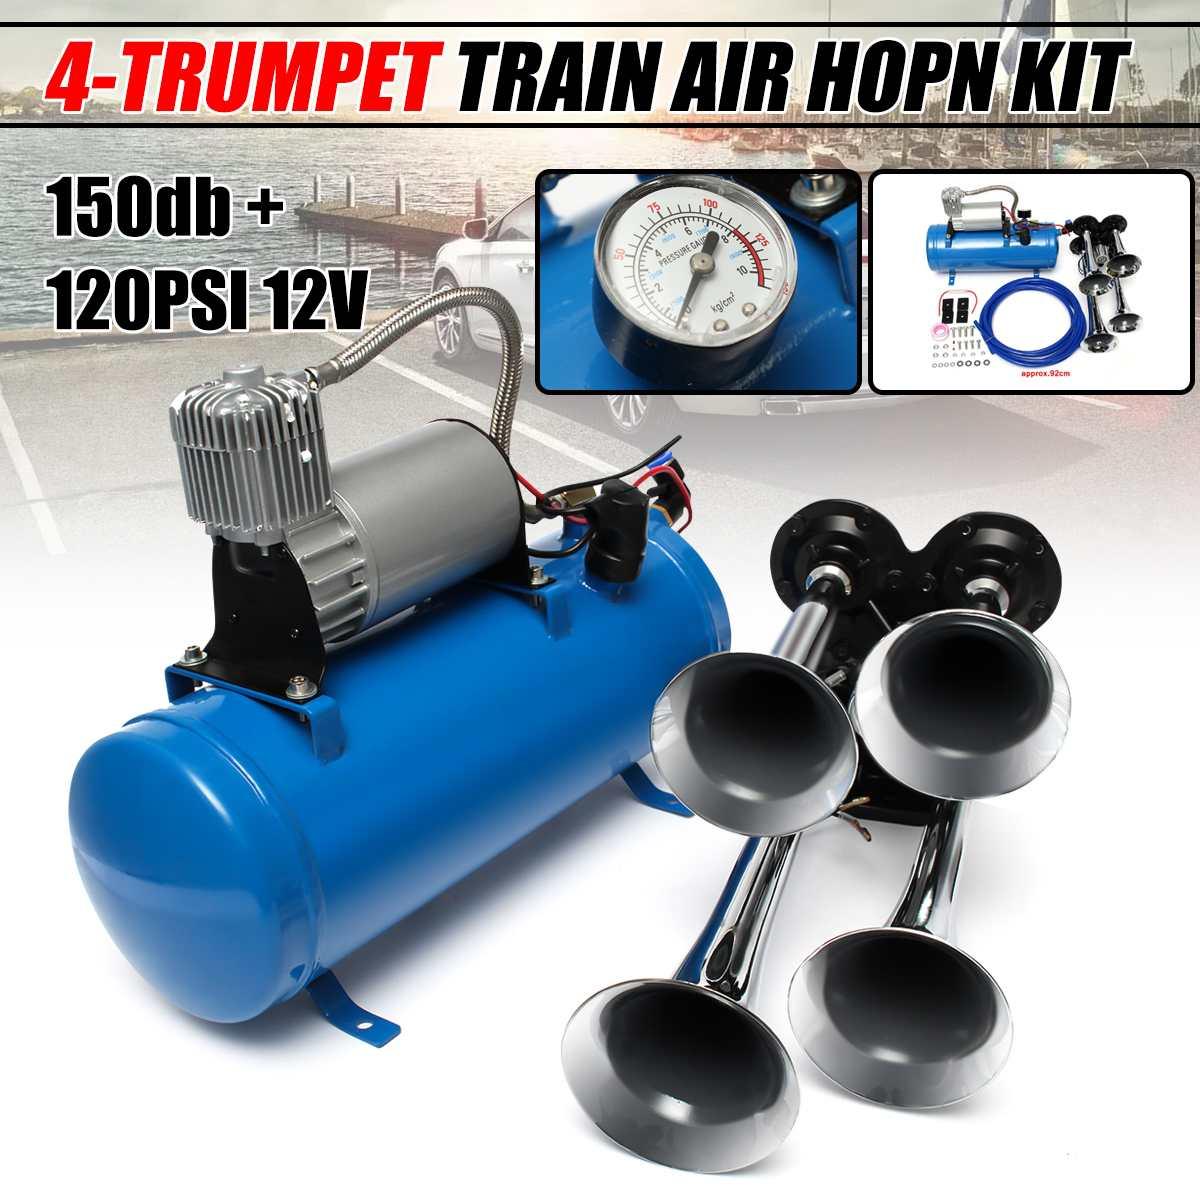 12 V/24 V 120 PSI 4 אוויר רכבת כרום צופר חצוצרת רכב כחול מדחס צינורות 150dB